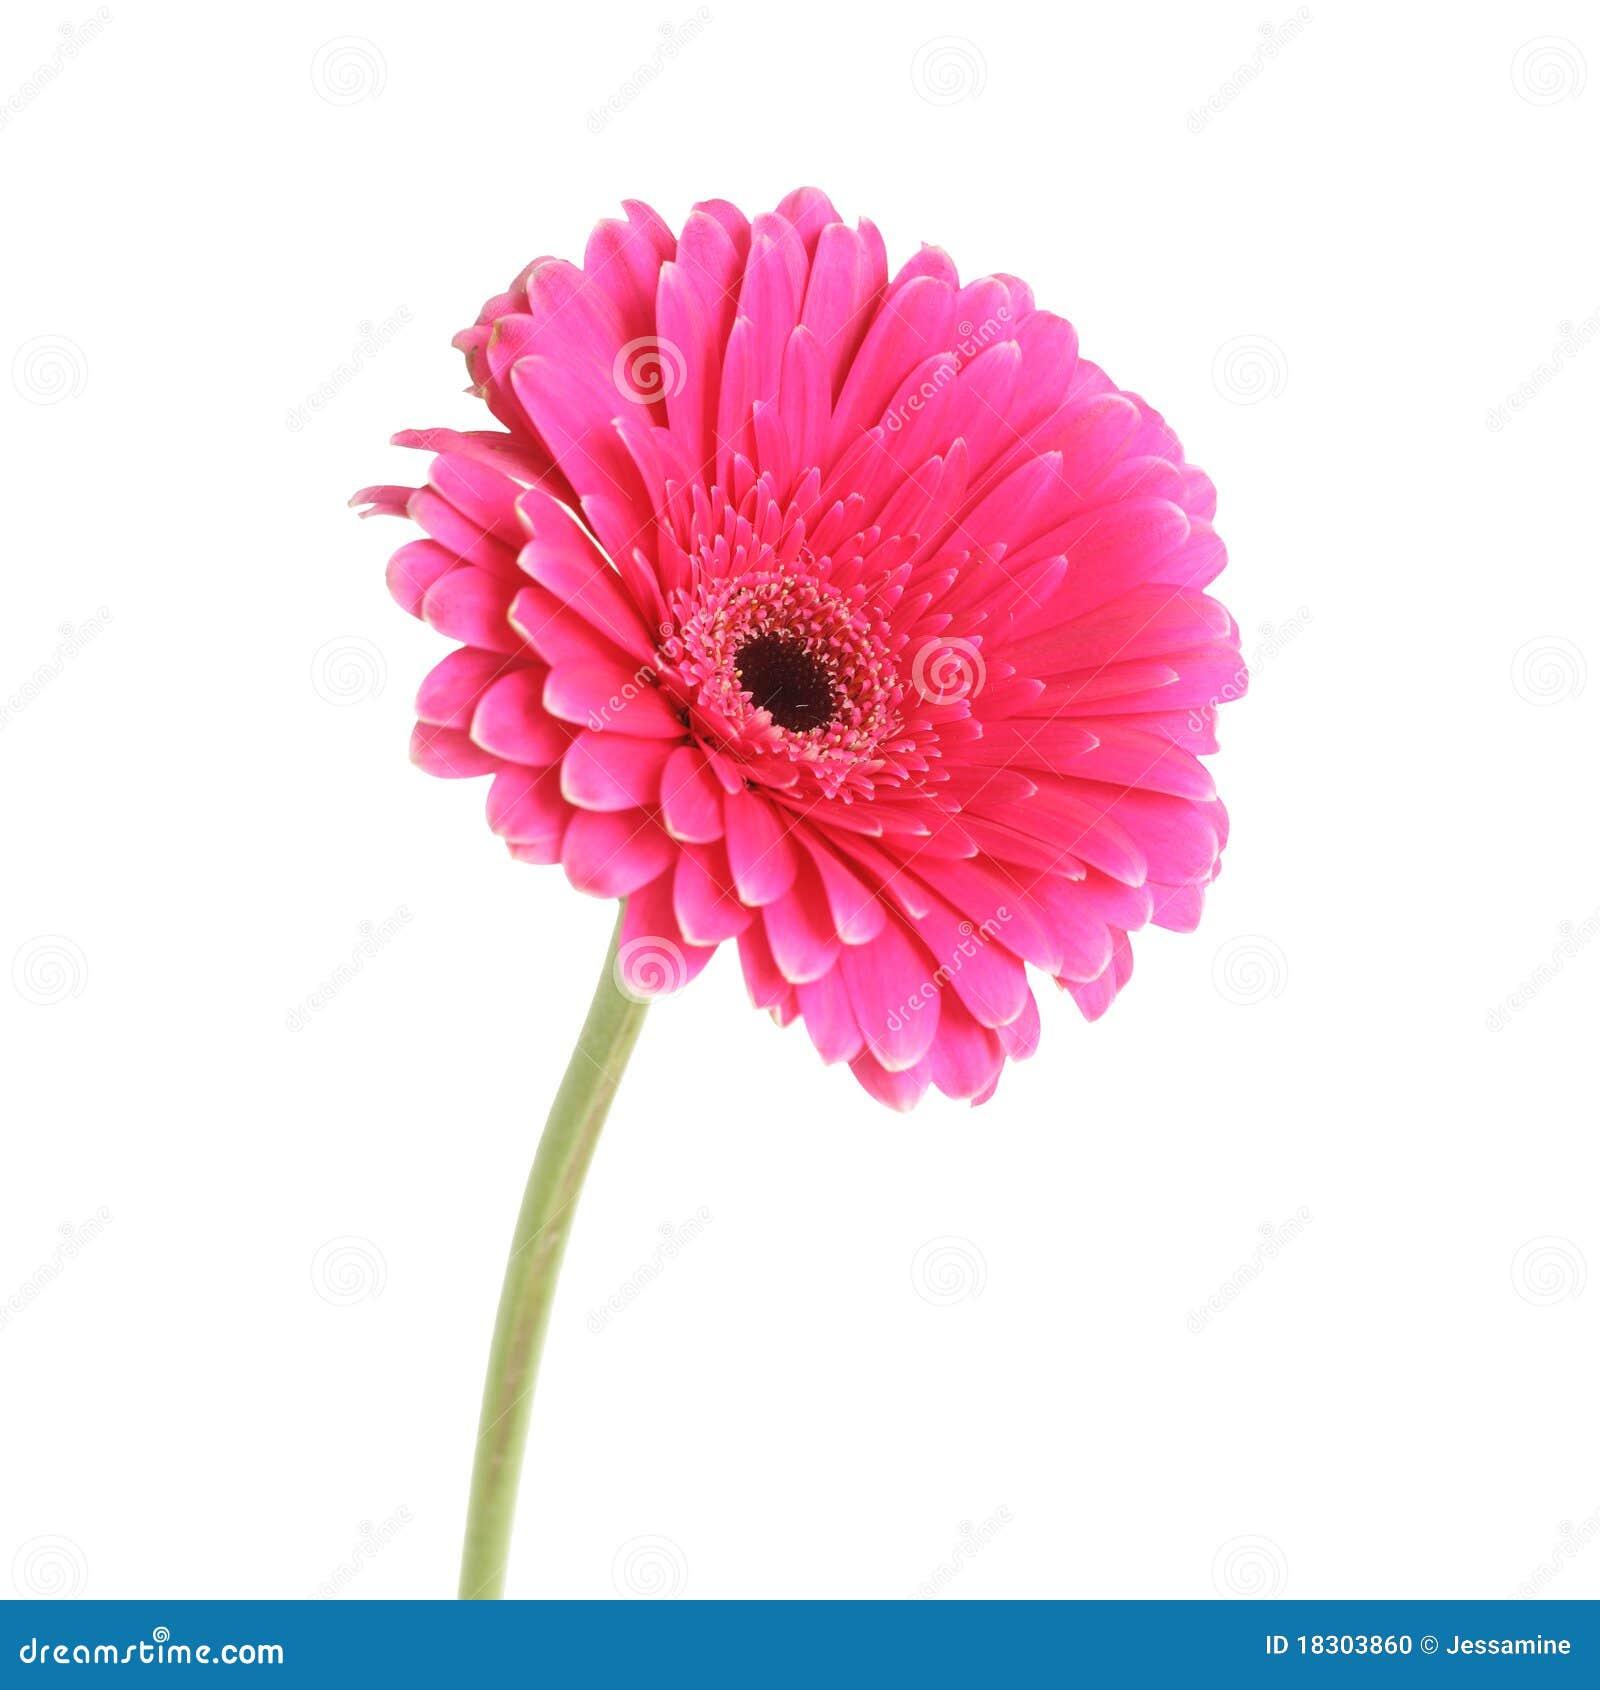 pink gerbera stock photo image 18303860. Black Bedroom Furniture Sets. Home Design Ideas